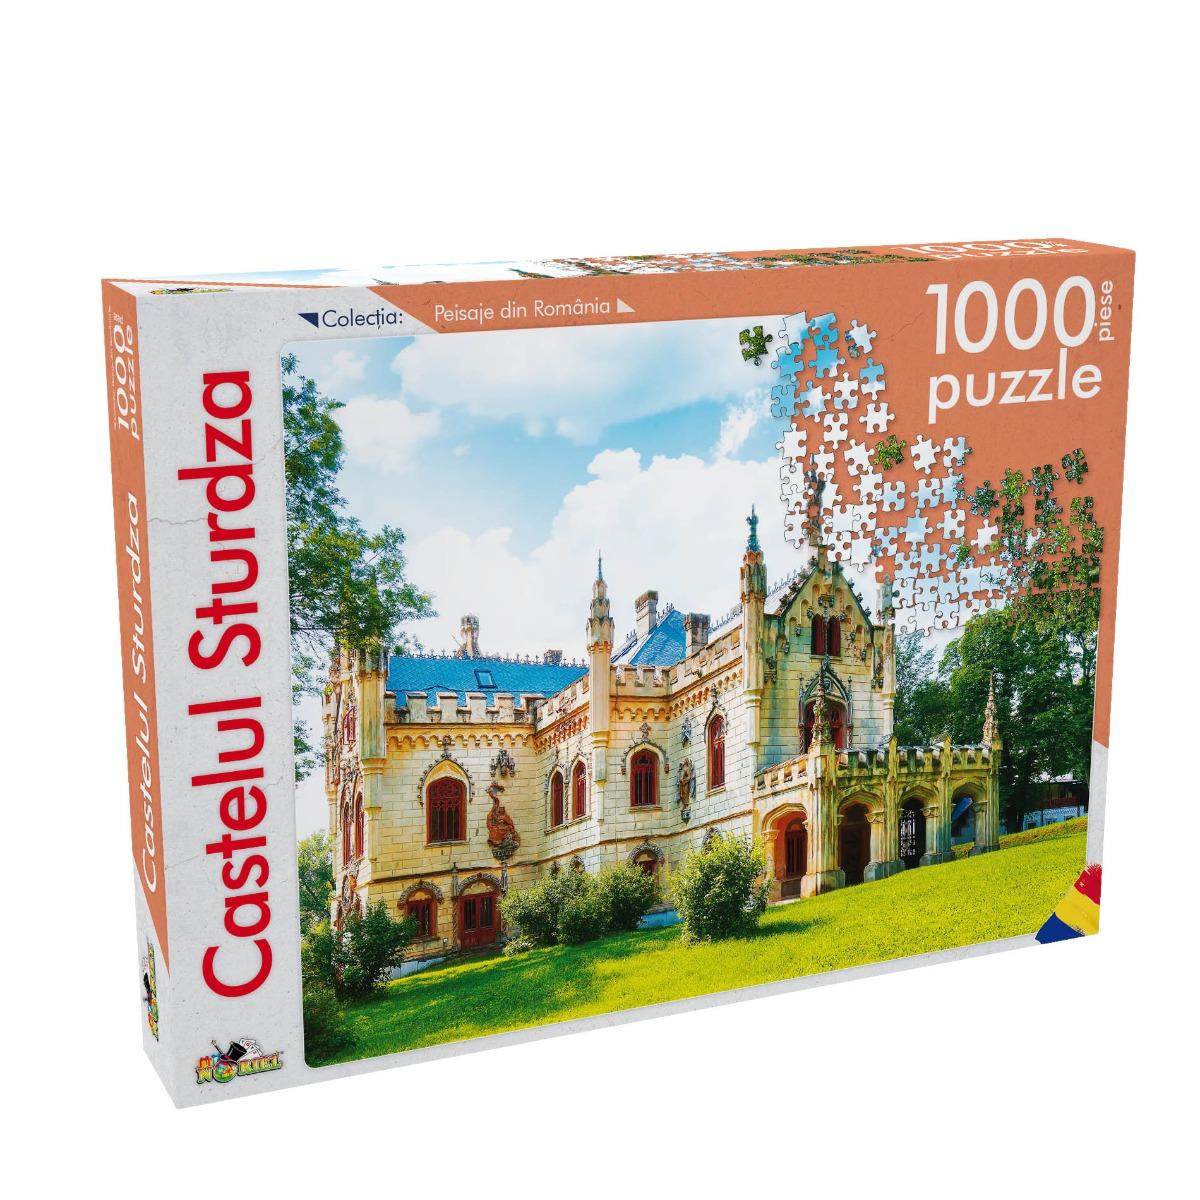 Puzzle Noriel - Peisaje din Romania - Castelul Sturdza. 1000 Piese